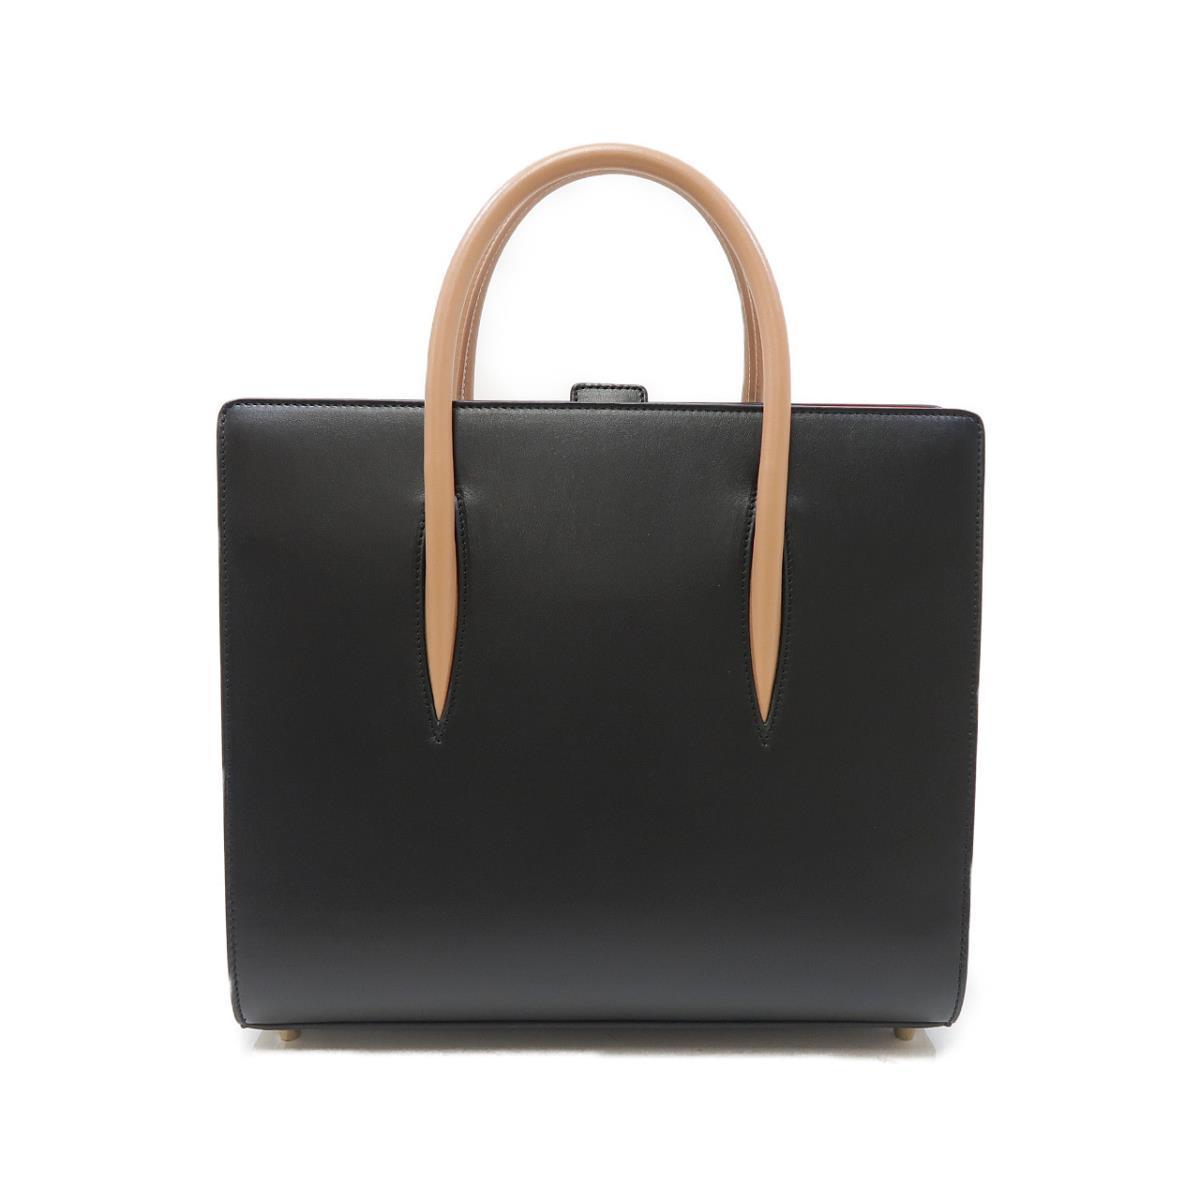 クリスチャンルブタン 日本未発売 バッグ 3165015 大規模セール 中古